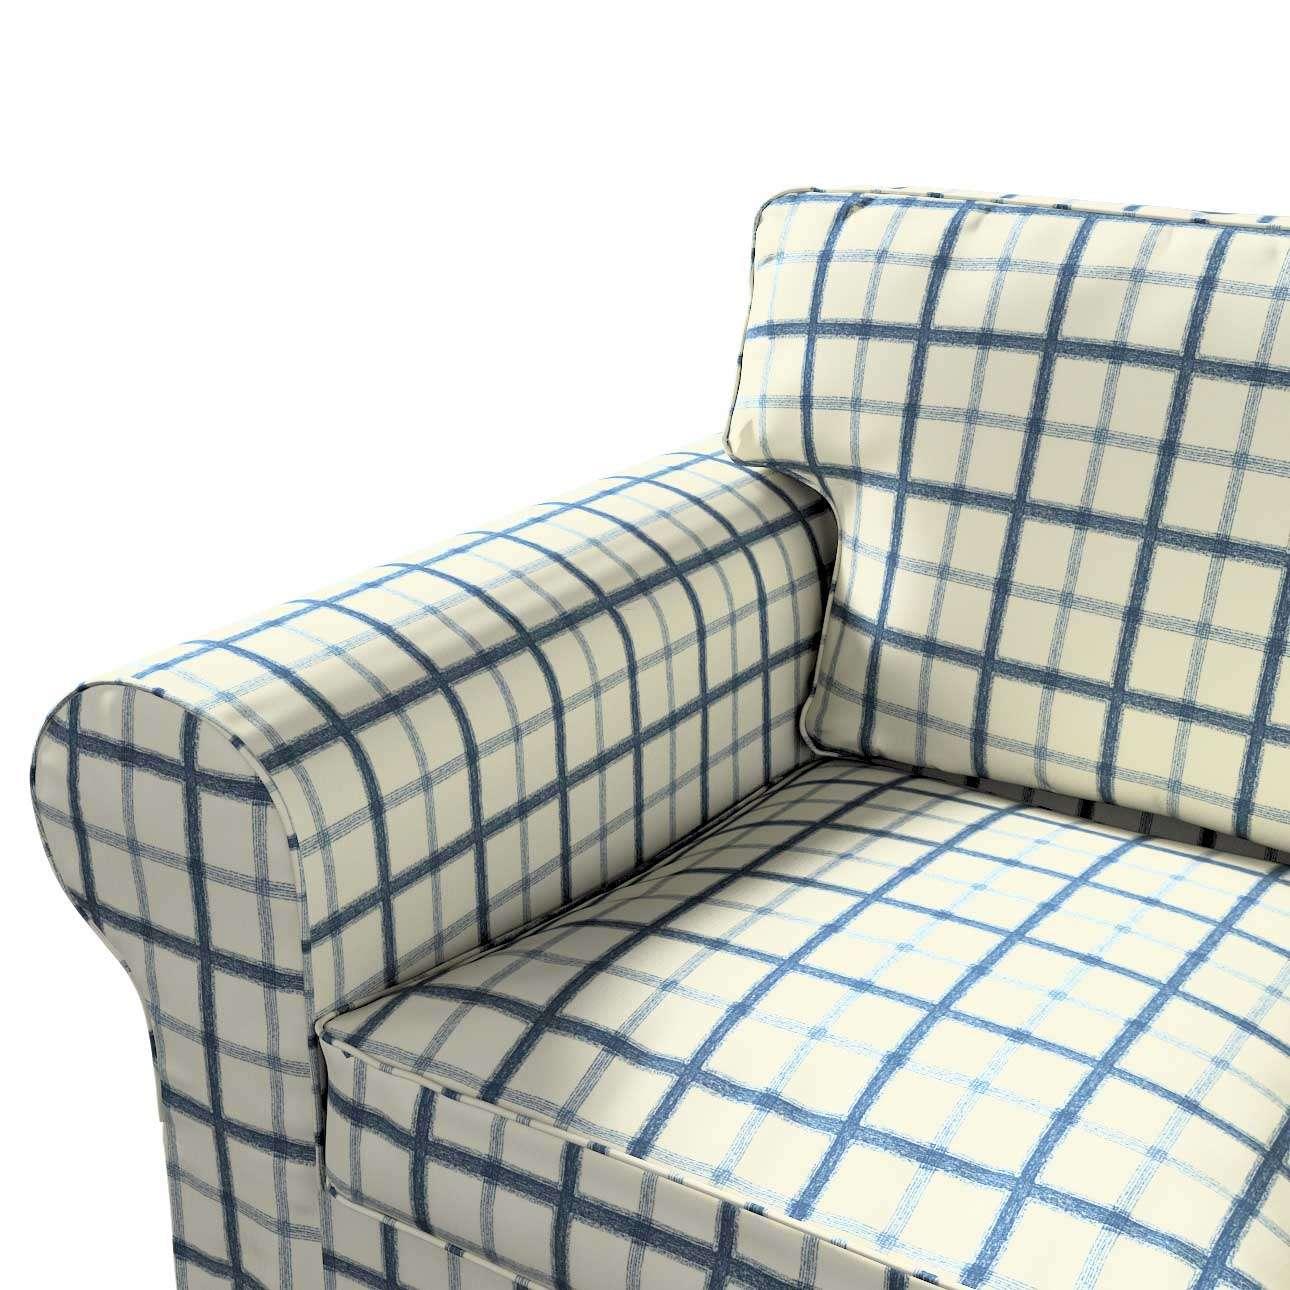 Ektorp 2-Sitzer Sofabezug nicht ausklappbar Sofabezug für  Ektorp 2-Sitzer nicht ausklappbar von der Kollektion Avinon, Stoff: 131-66